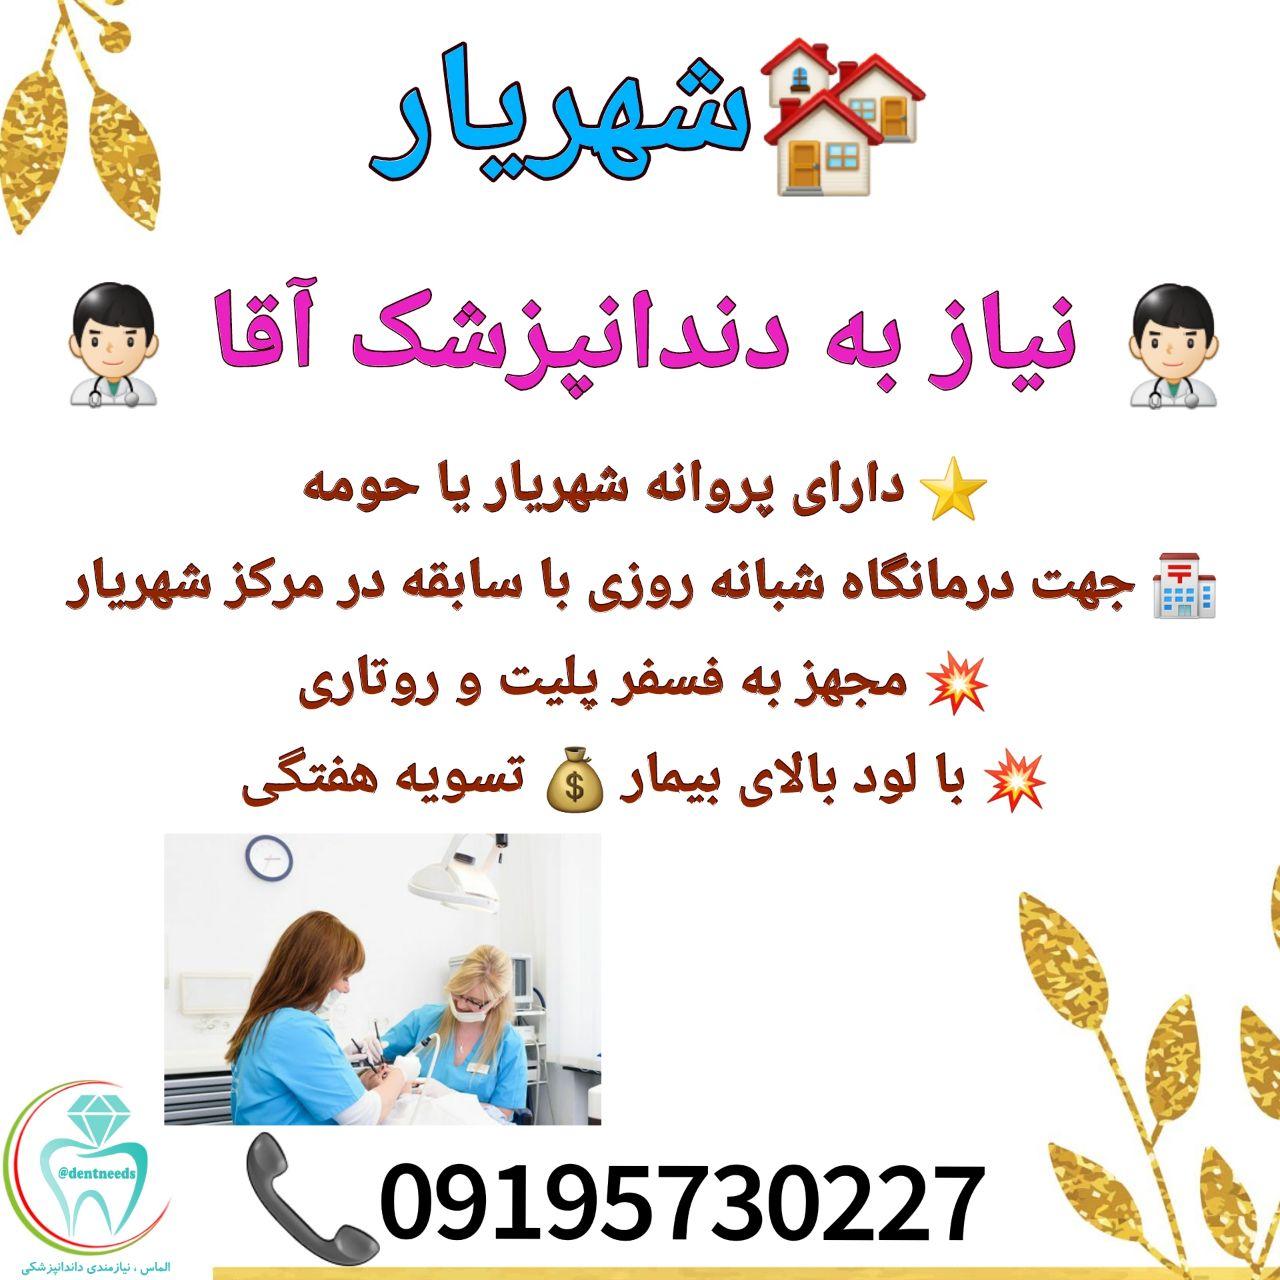 شهریار: نیاز به دندانپزشک آقا